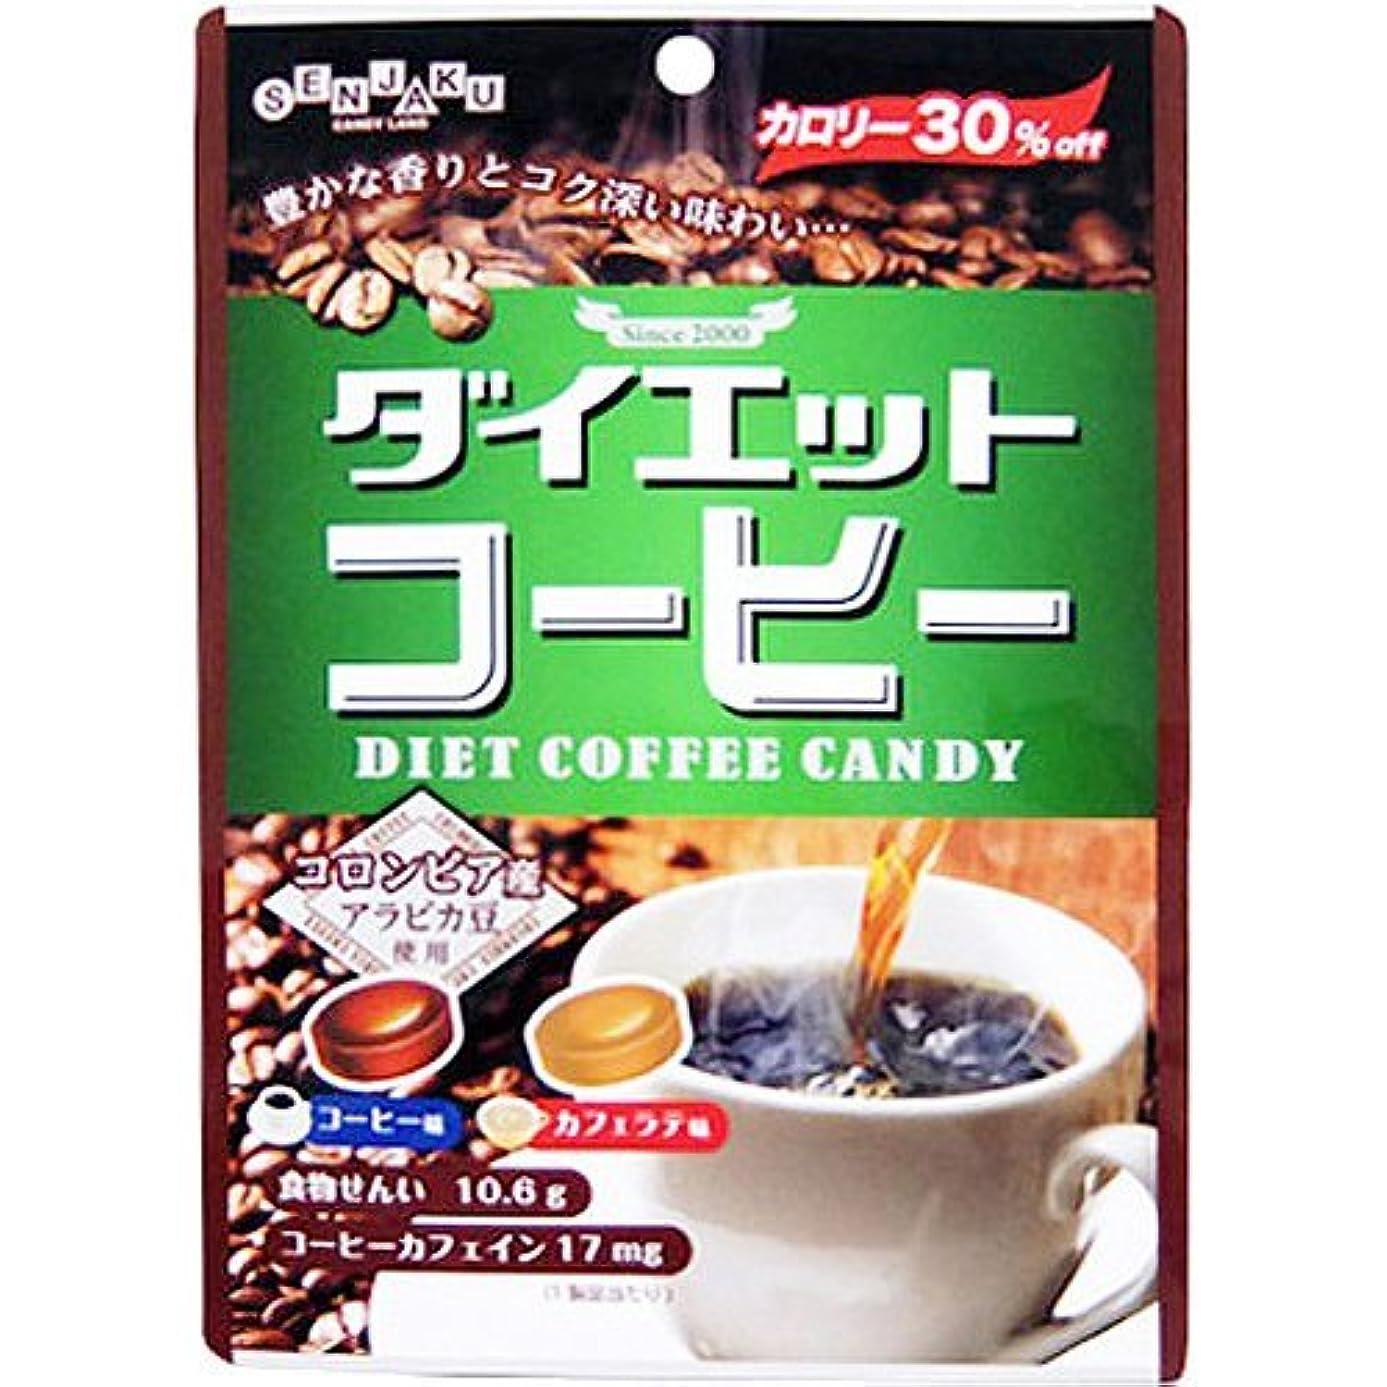 エンドテーブルつかまえる製油所扇雀飴本舗 ダイエットコーヒー 80g